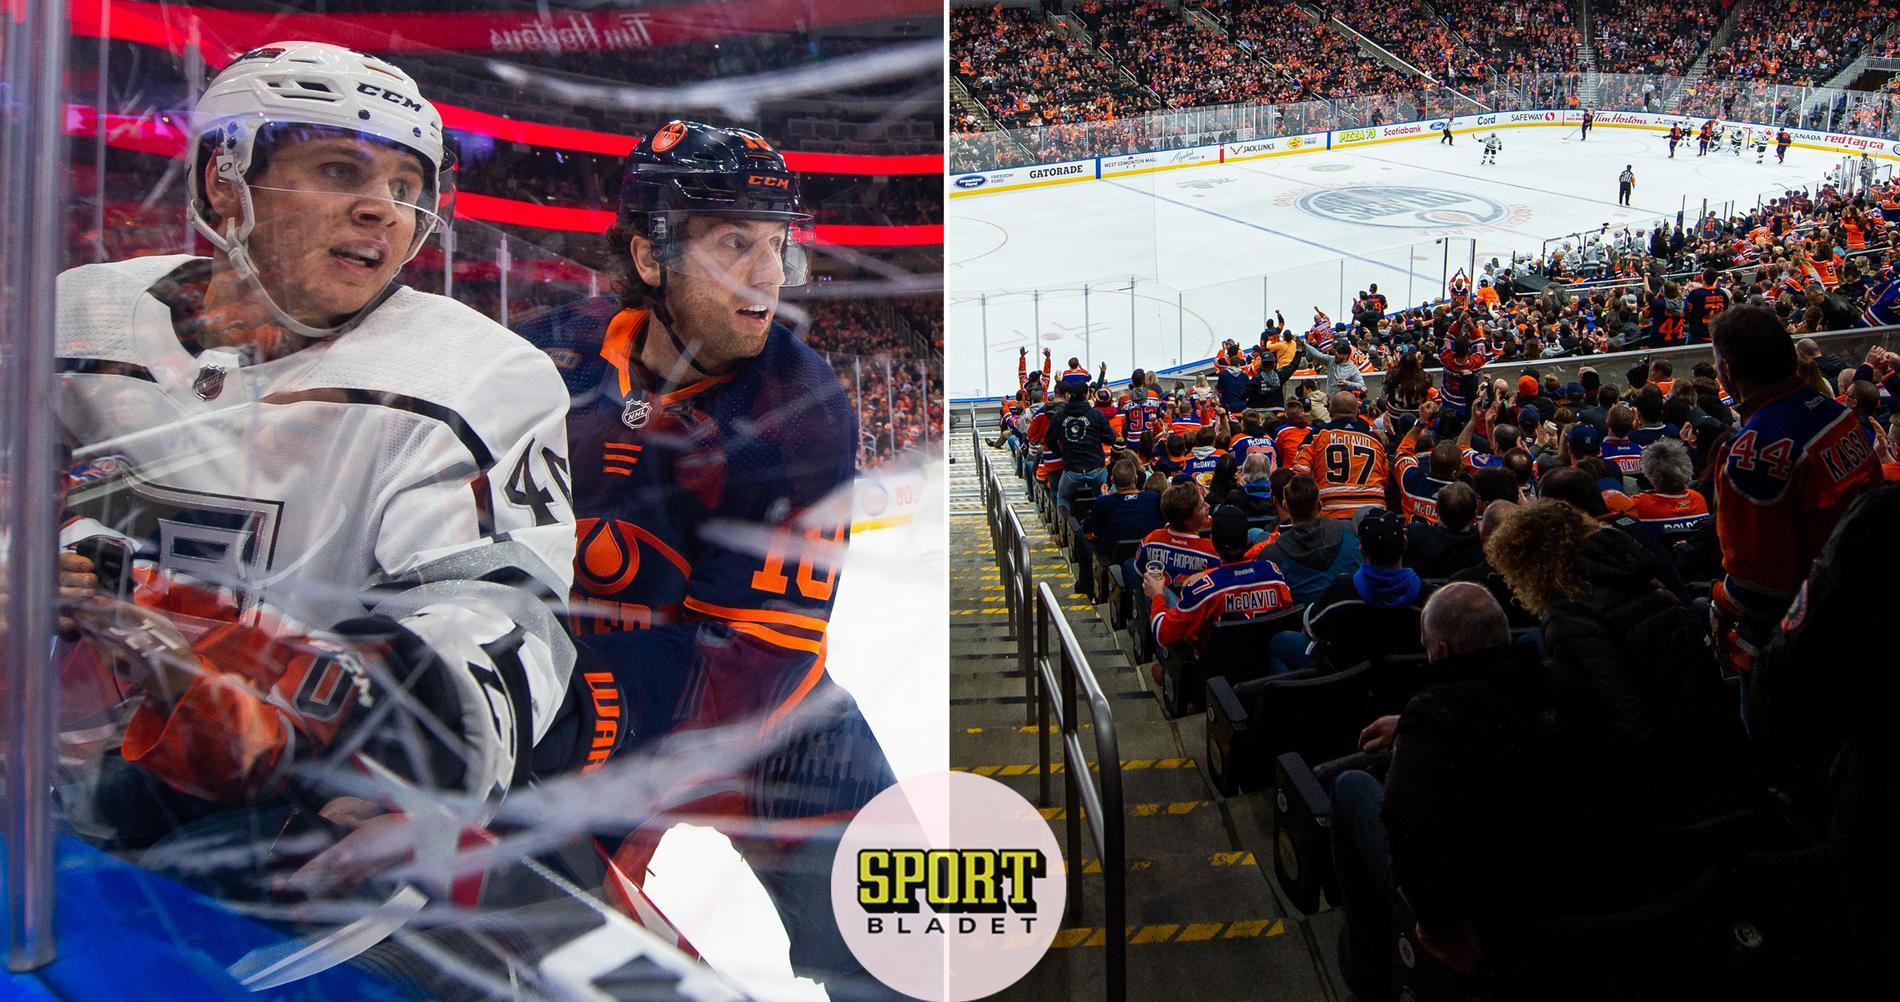 Ovaccinerade NHL-spelare kan stängas av